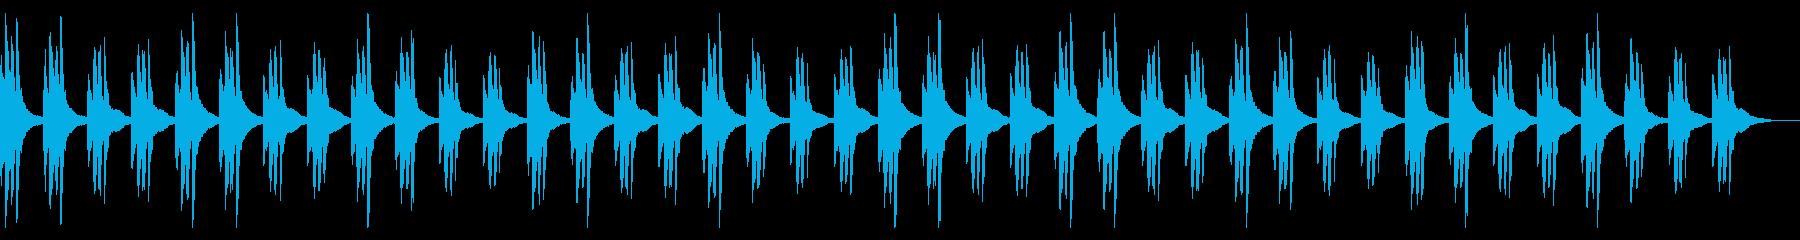 ミステリーな雰囲気のBGMの再生済みの波形